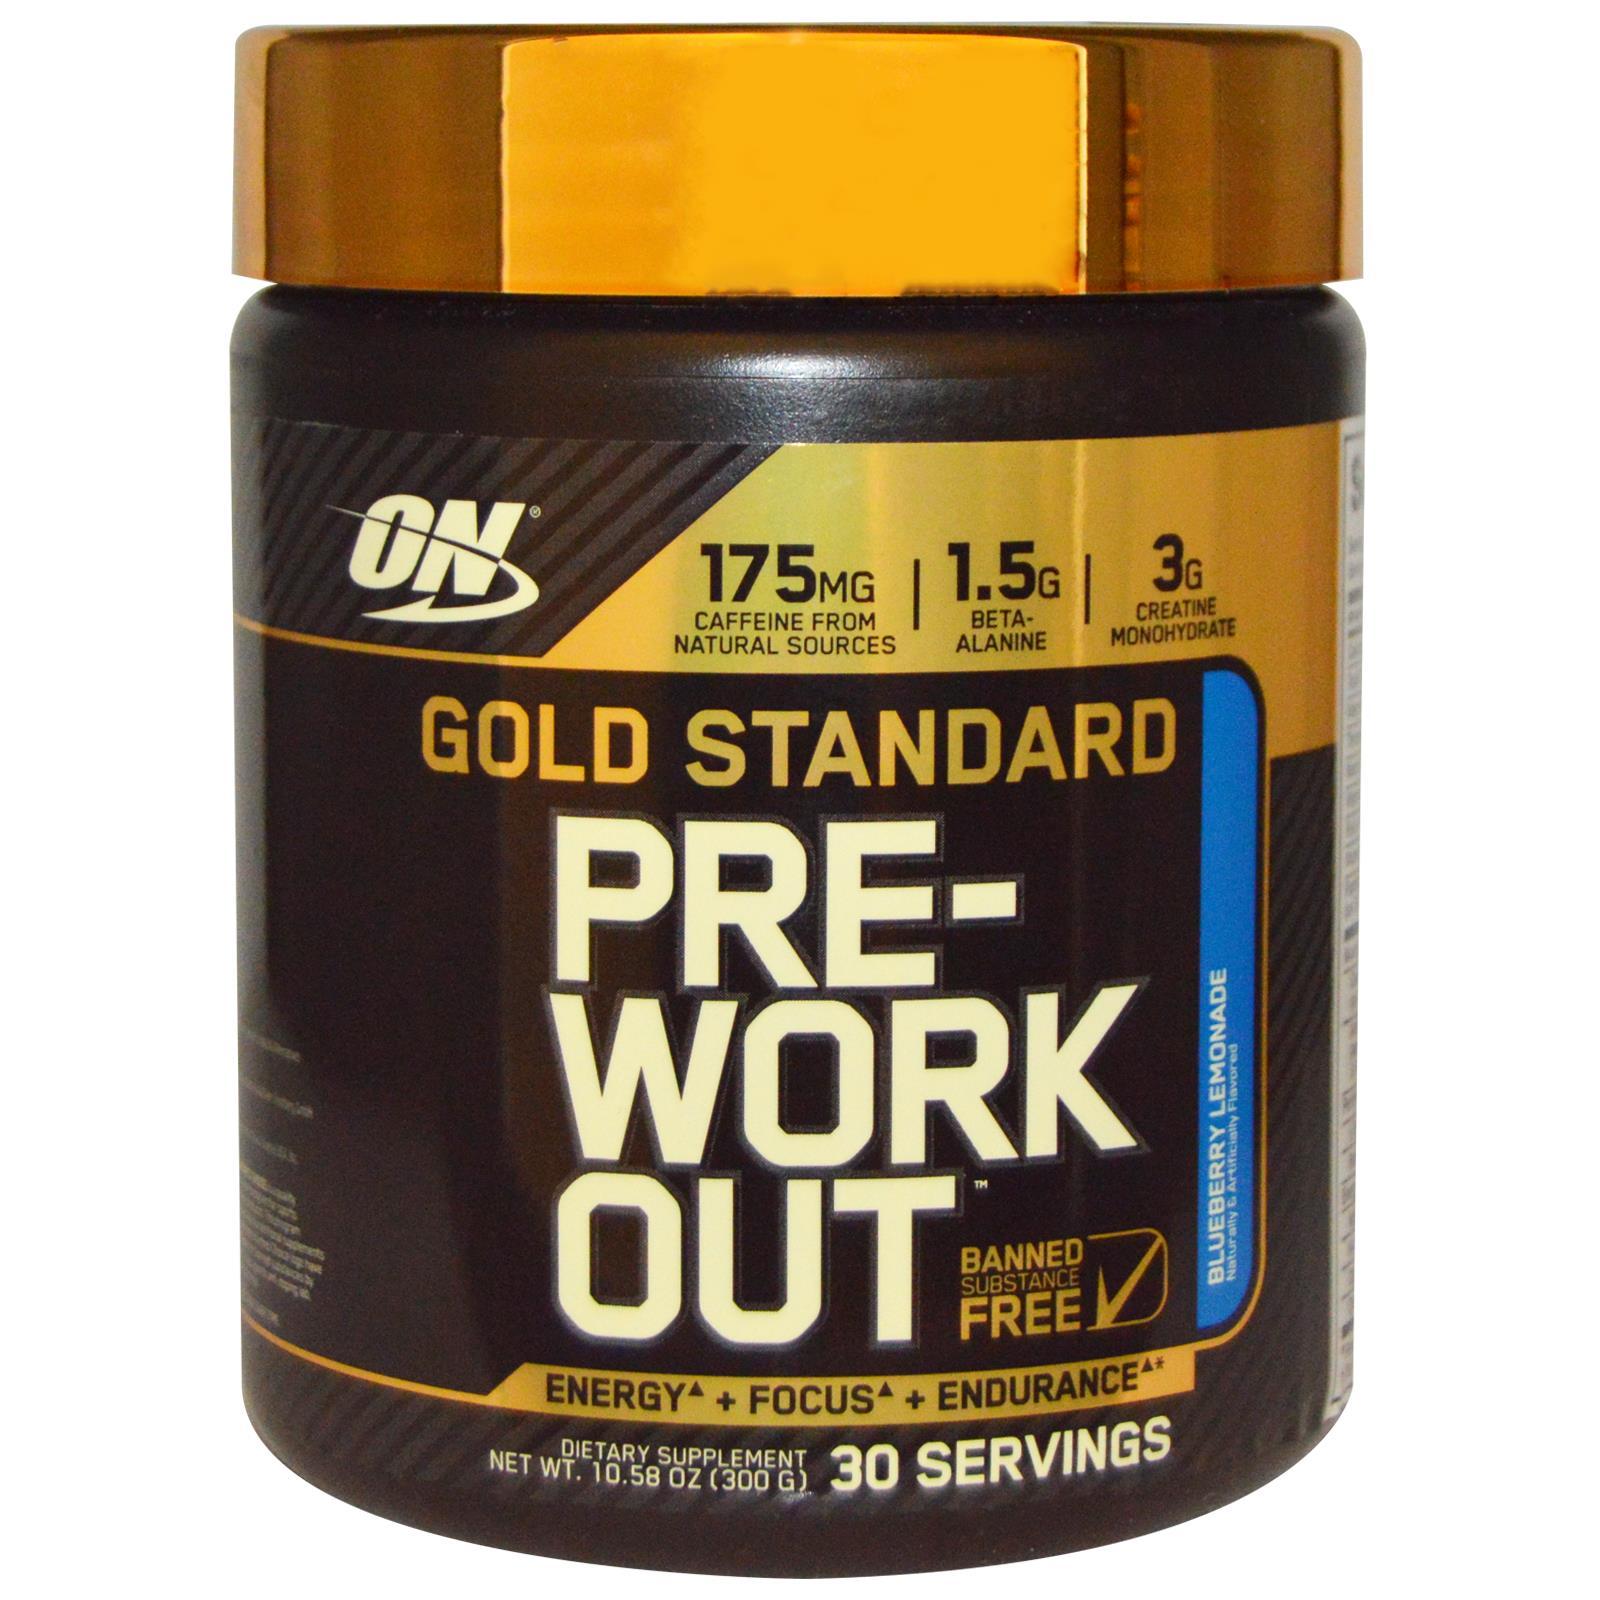 Gold Standard Pre-Workout, Green Apple - 330g versandkostenfrei/portofrei bestellen/kaufen